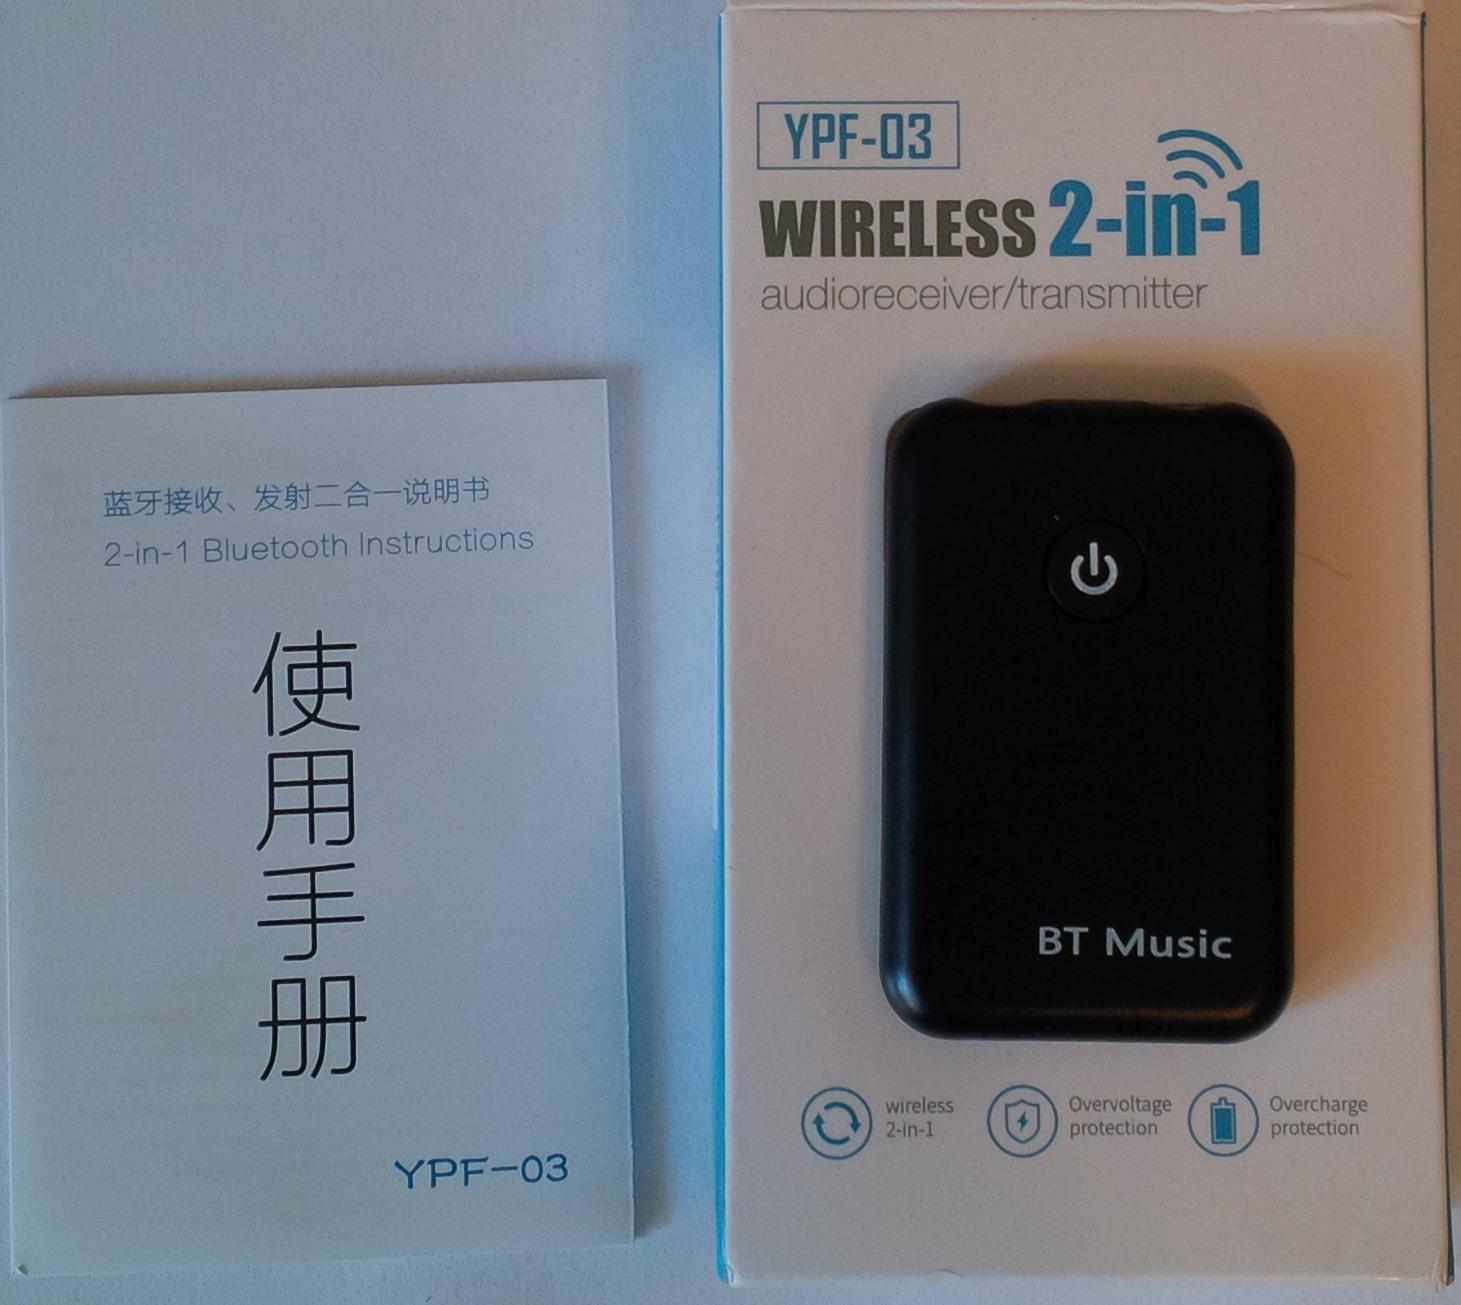 Аудио через Bluetooth: максимально подробно о профилях, кодеках и устройствах - 15